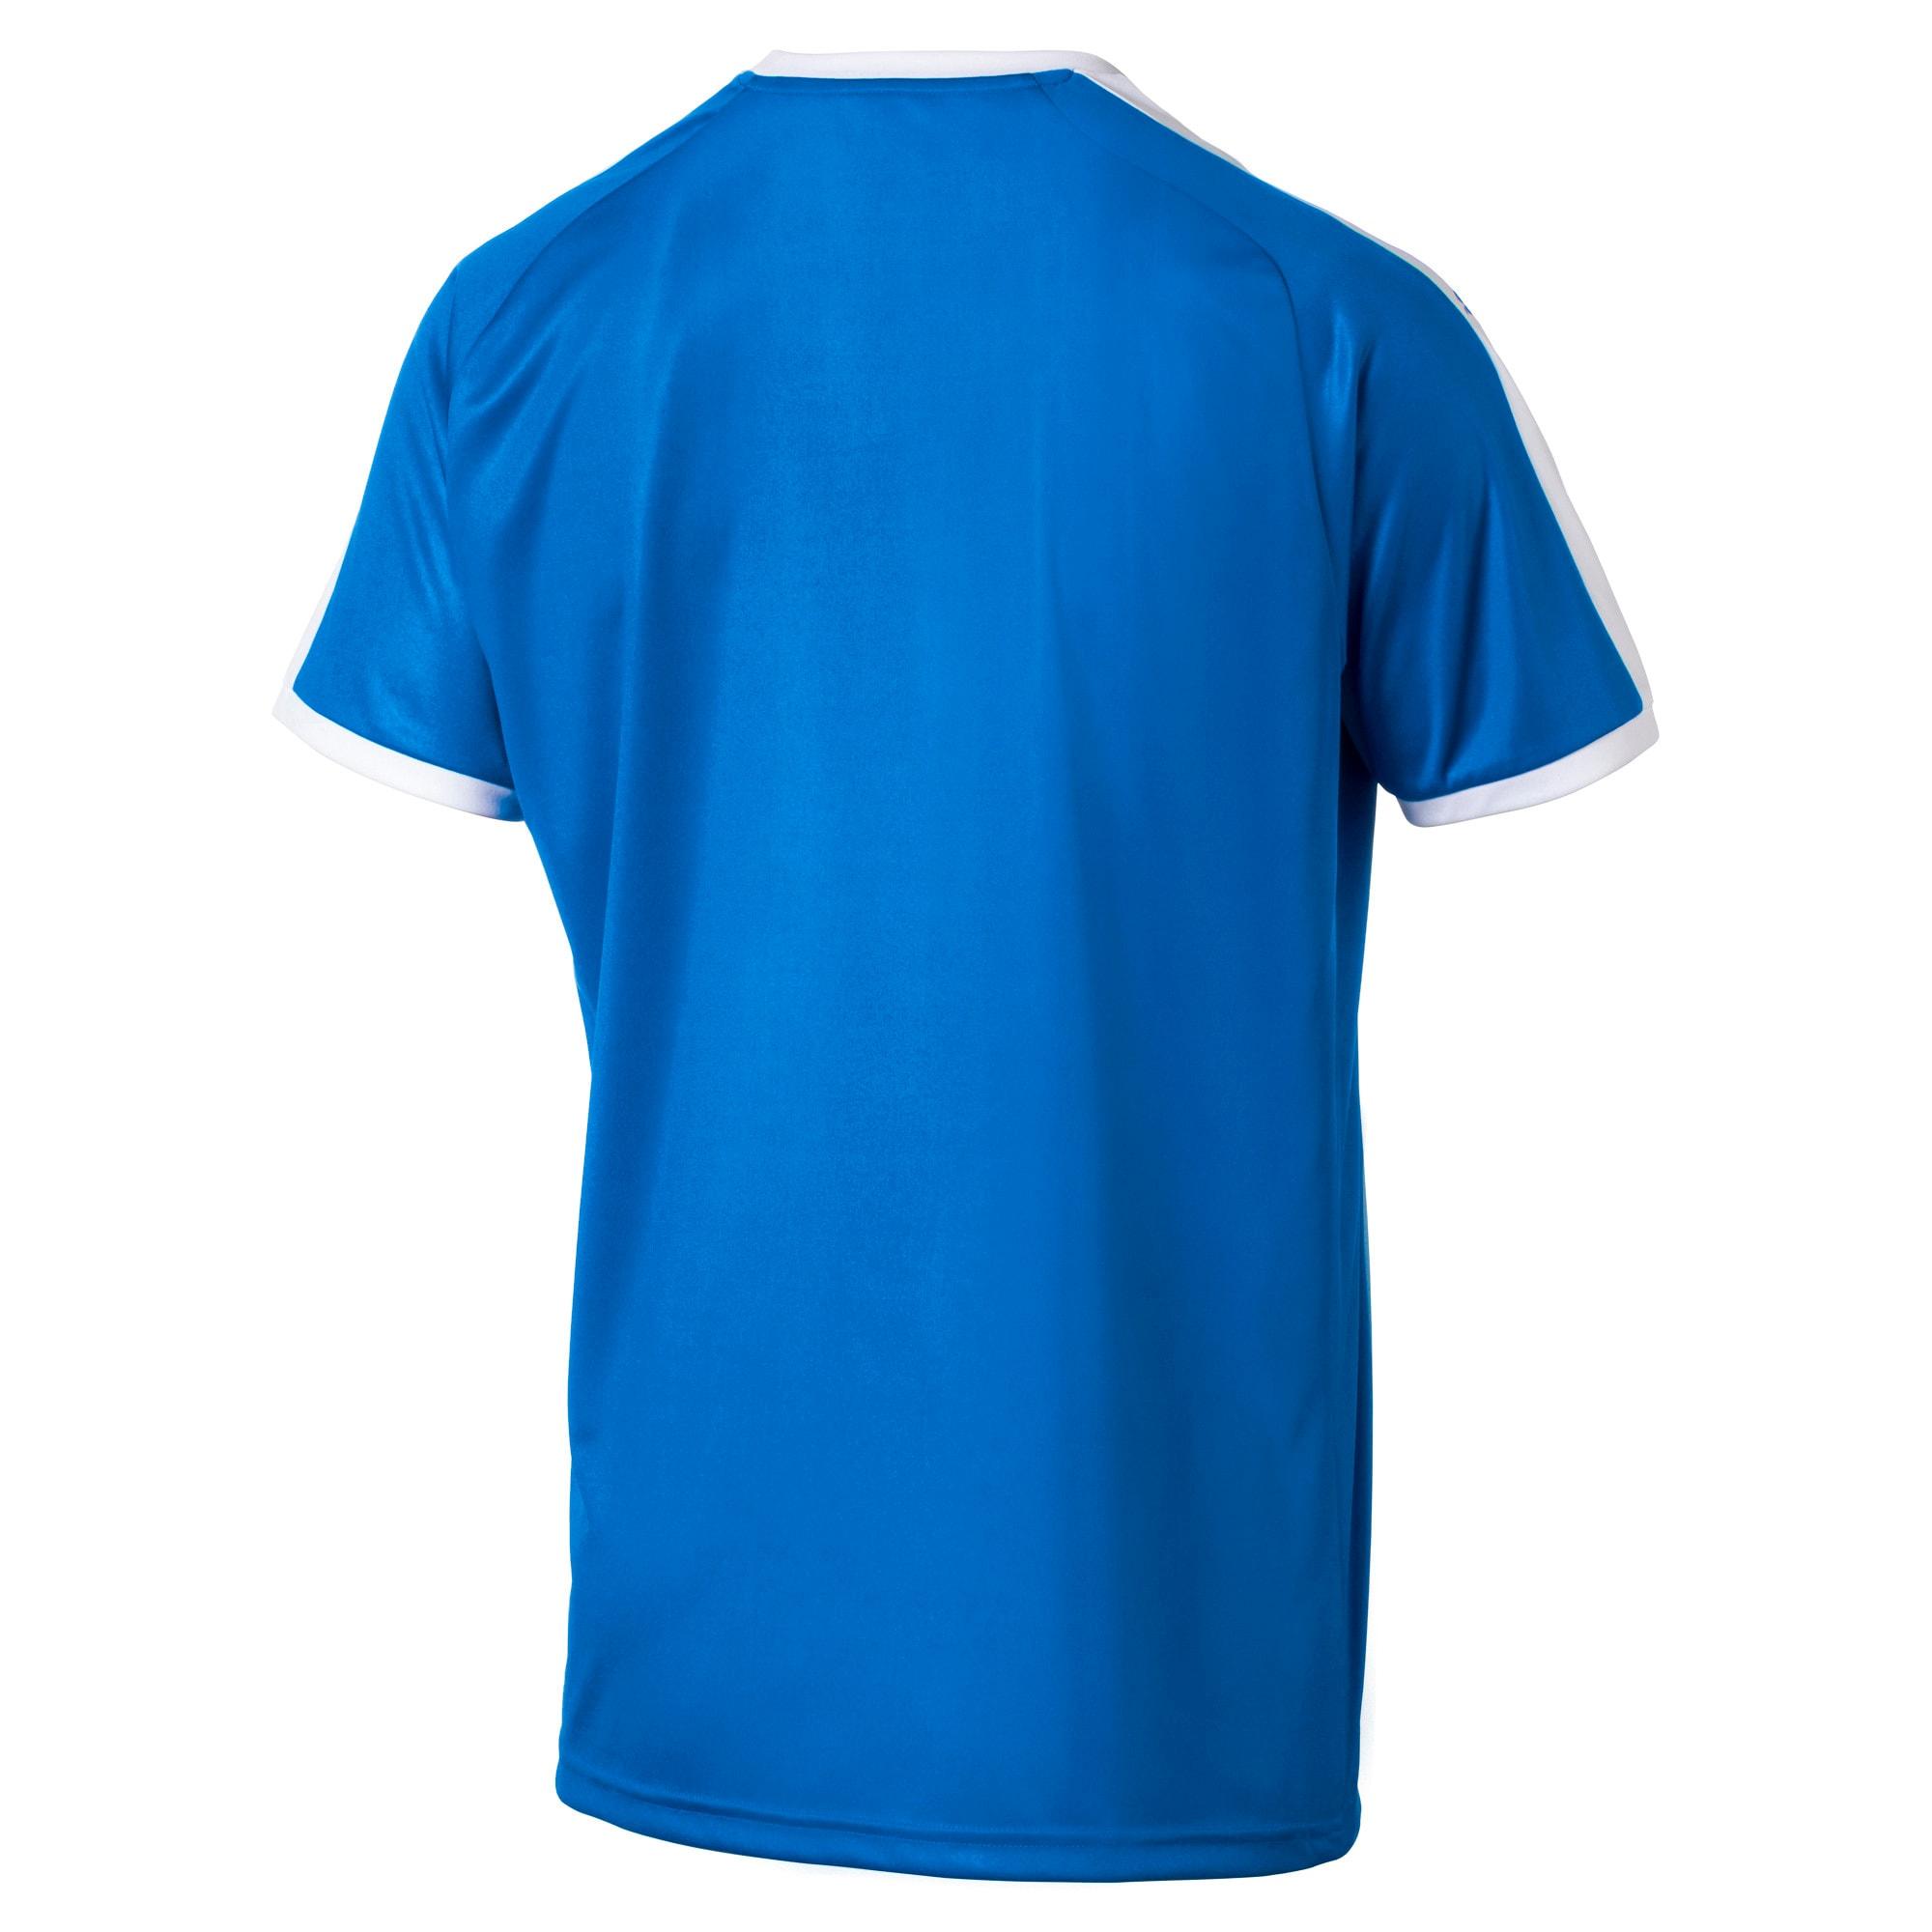 Thumbnail 5 of Liga shirt voor heren, Electric Blue Lemonade-White, medium